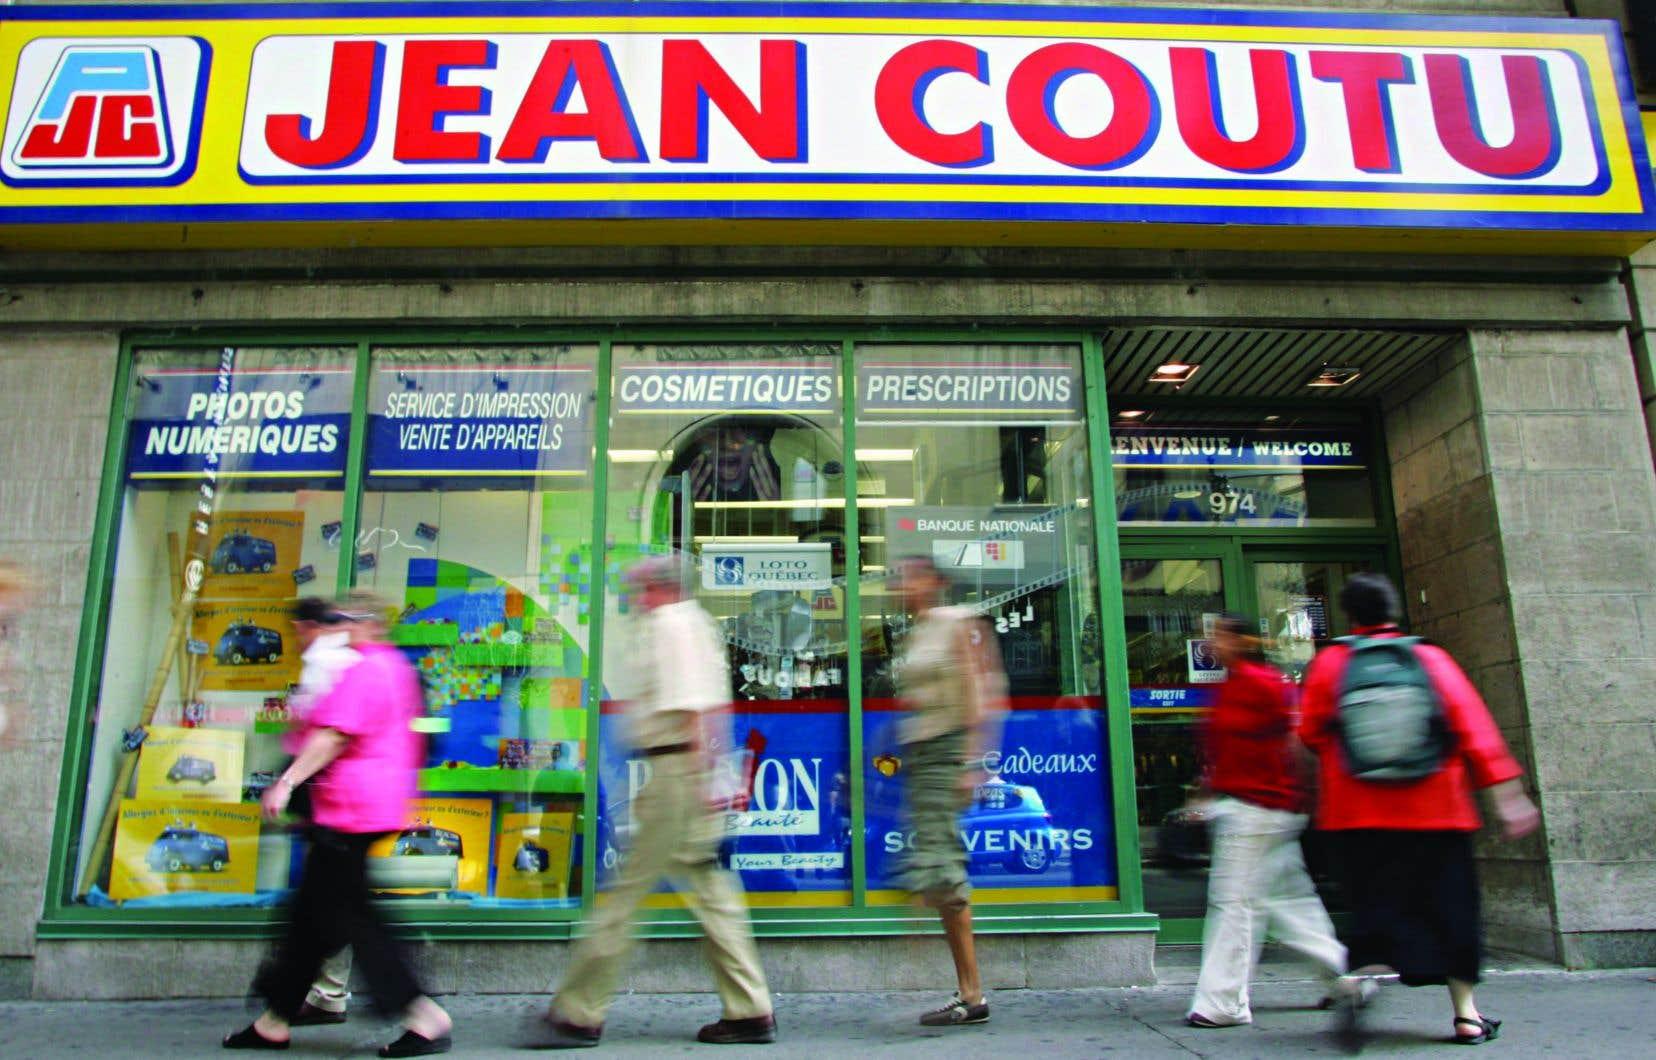 La facture pour acquérir Jean Coutu a été élevée, convient